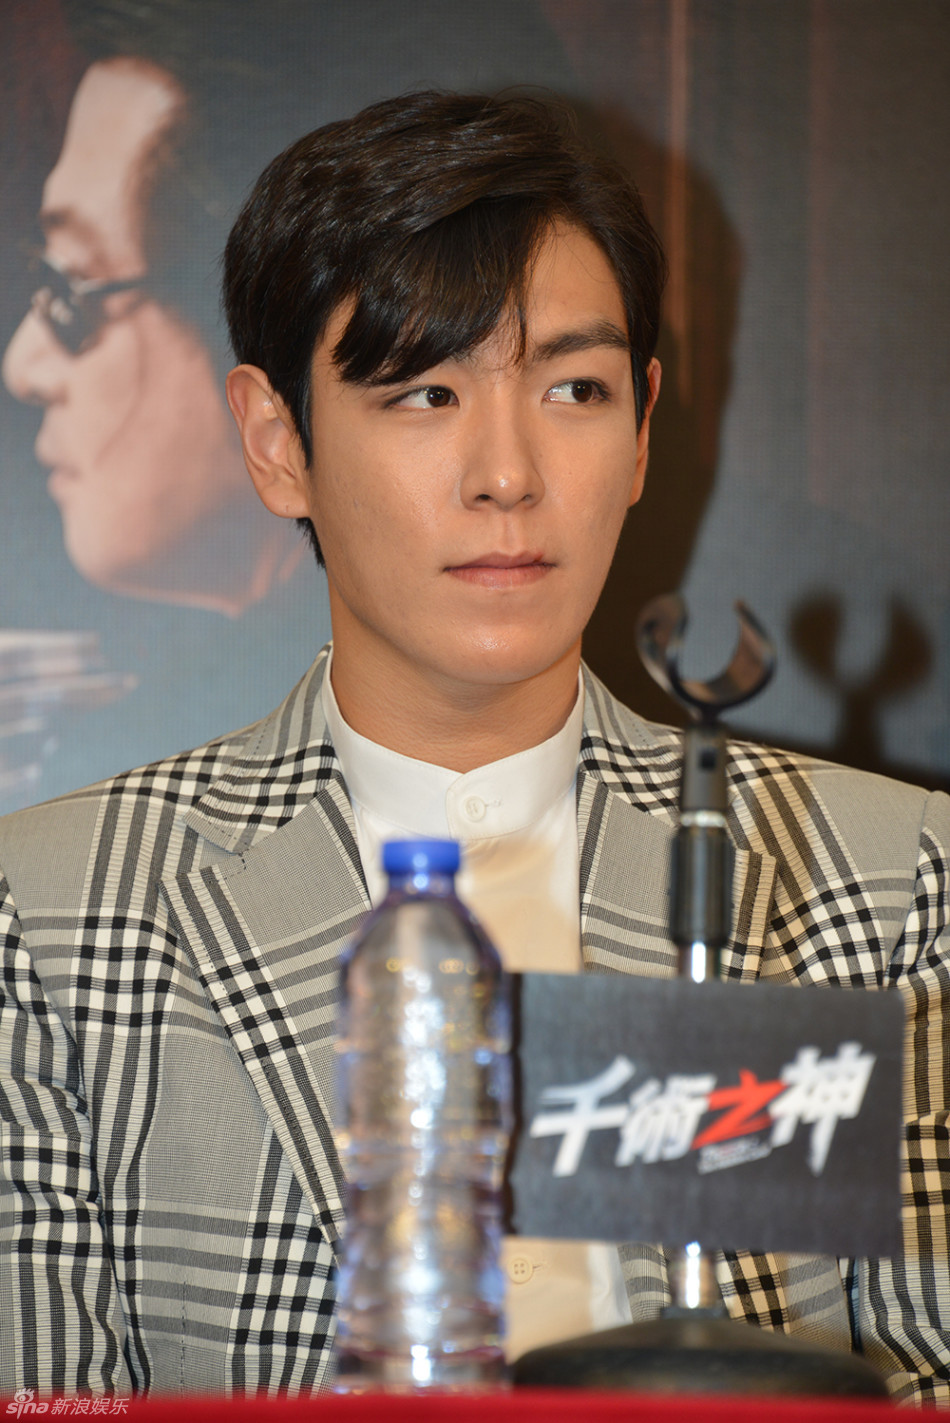 p崔胜铉与老千姜炯哲携导演《短发2》在香港见面电影召开,为新作李小苒媒体图片